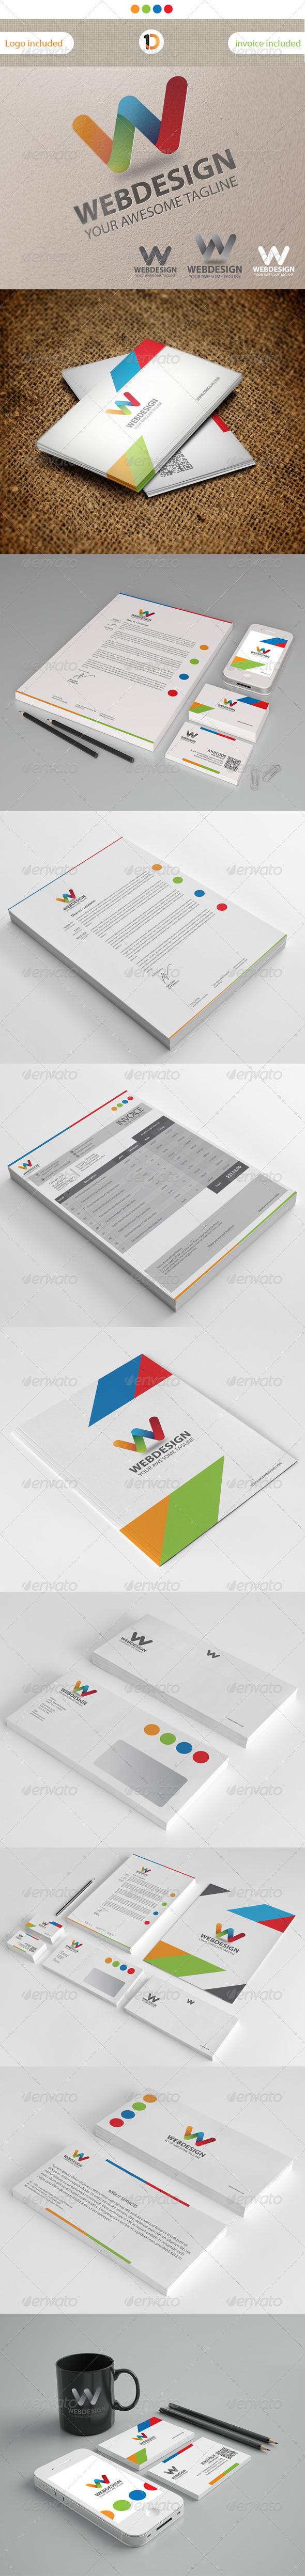 GraphicRiver Web Design Corporate Identity & Invoice Templates 3353747